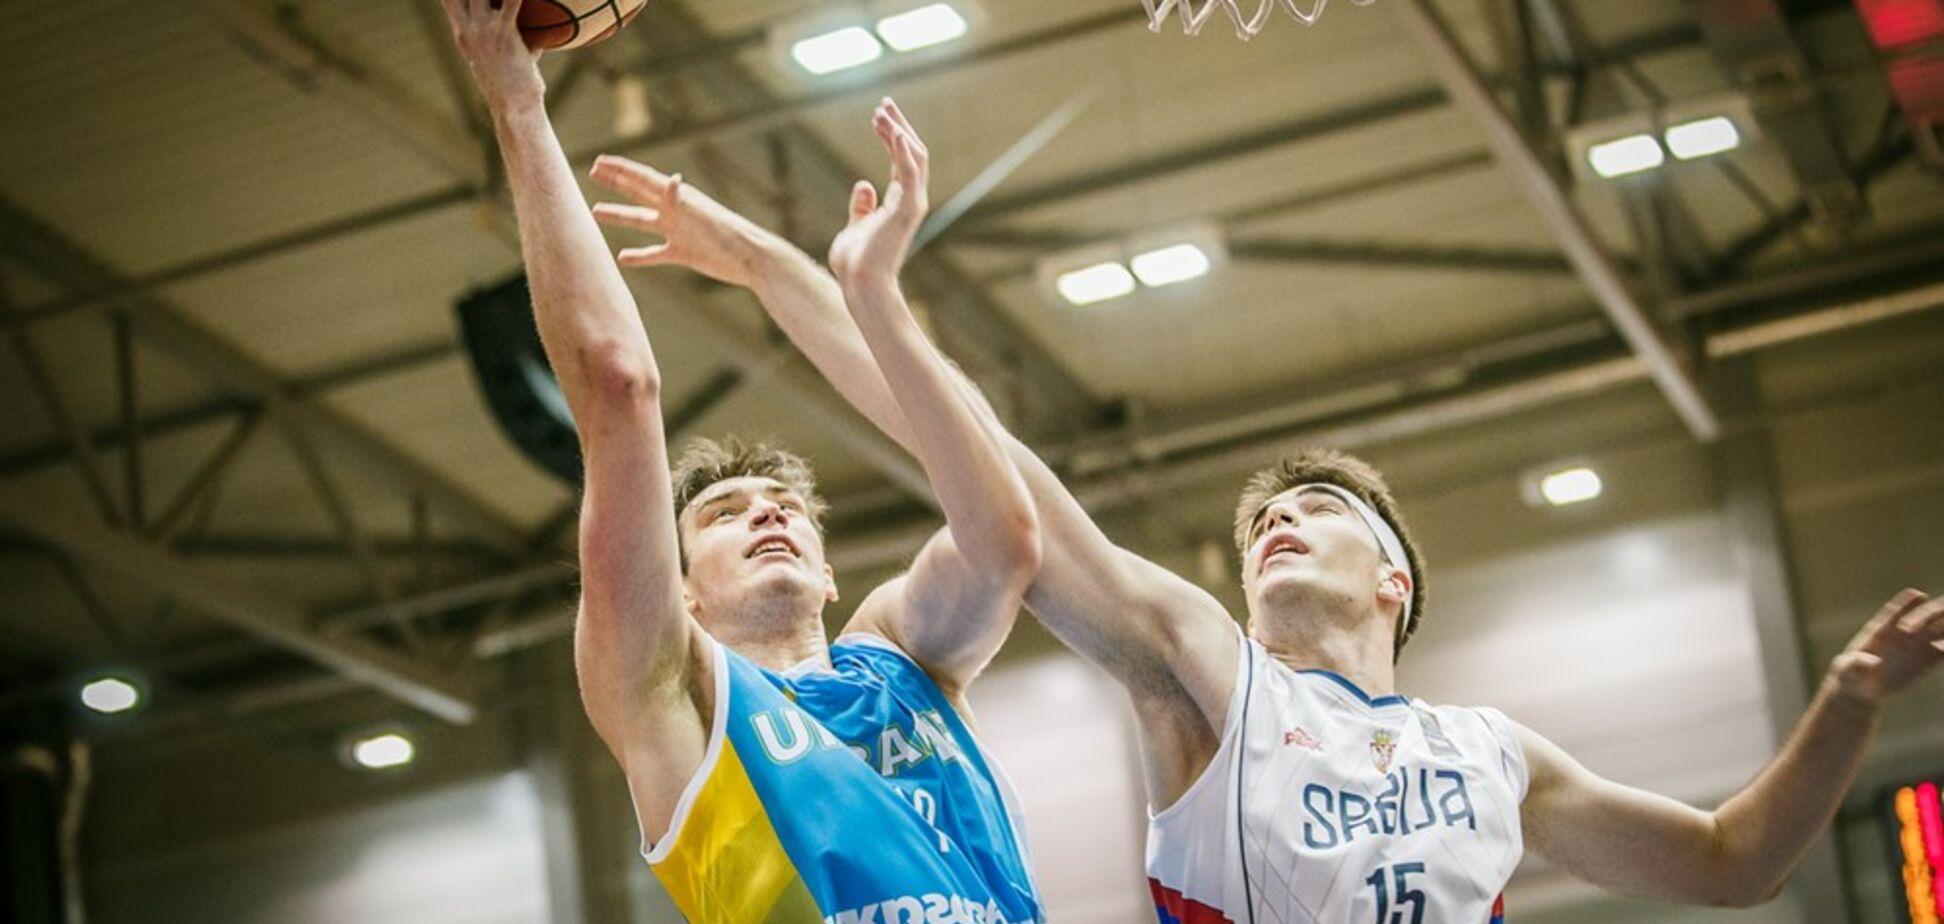 Збірна України програла Сербії на Євробаскеті U-18